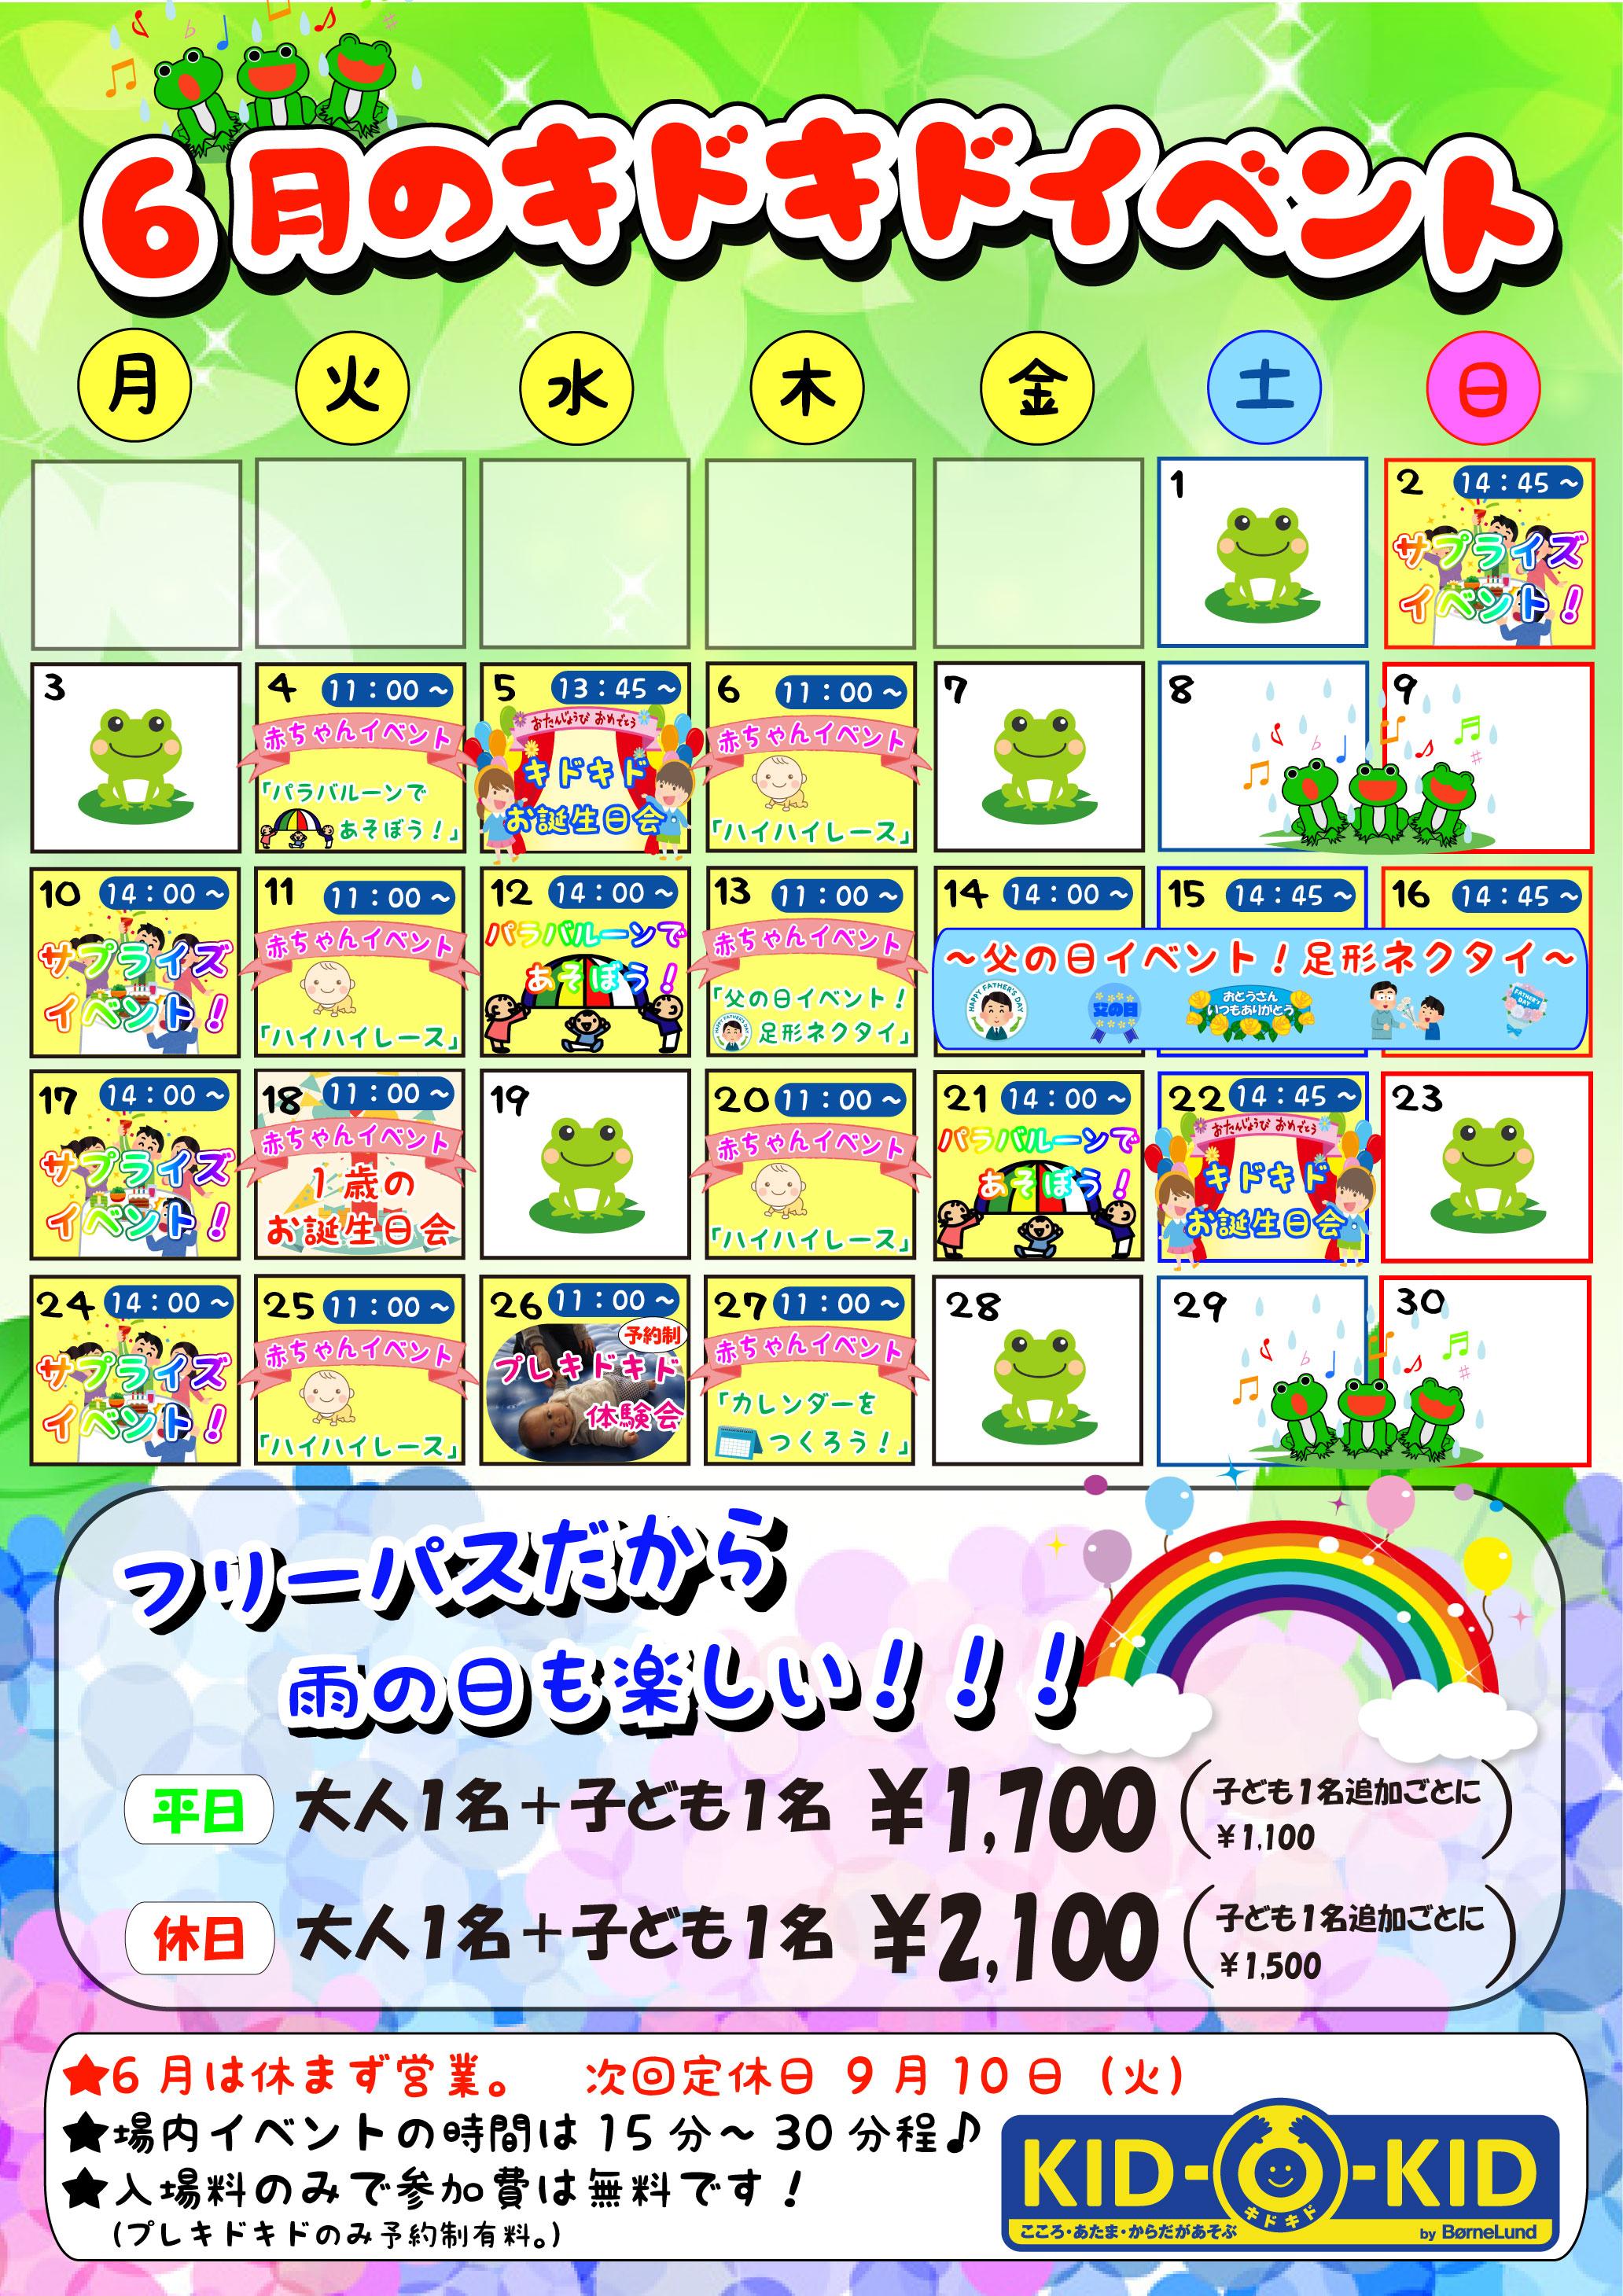 ★6月の場内イベント情報★